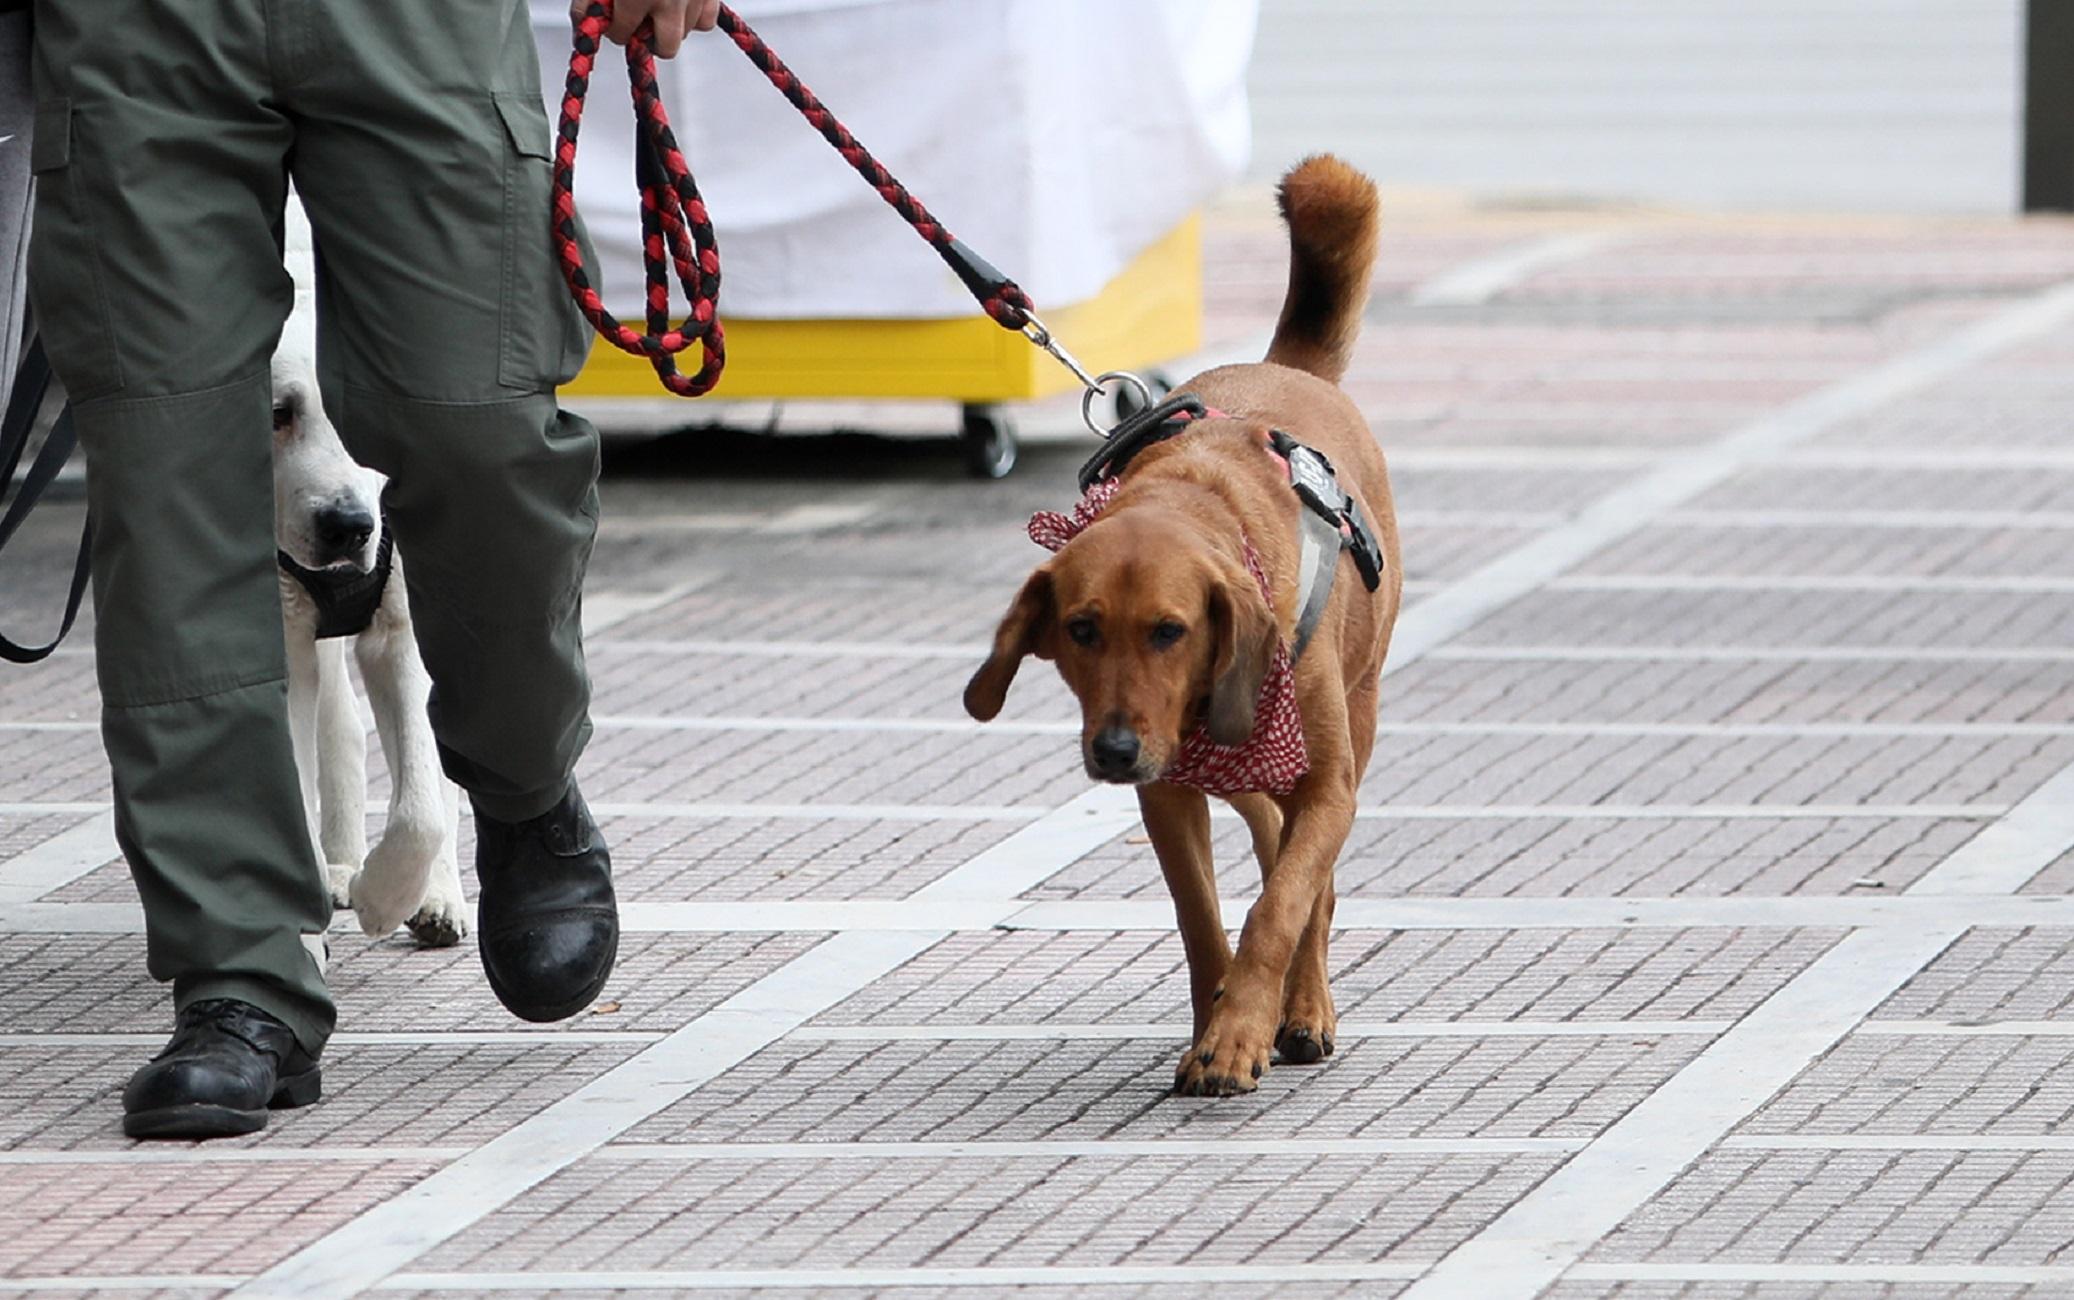 Θεσσαλονίκη: Μαχαίρωσε περαστικό που του ζήτησε να μην κακομεταχειρίζεται το σκυλί του – «Έφαγε» 9,5 χρόνια